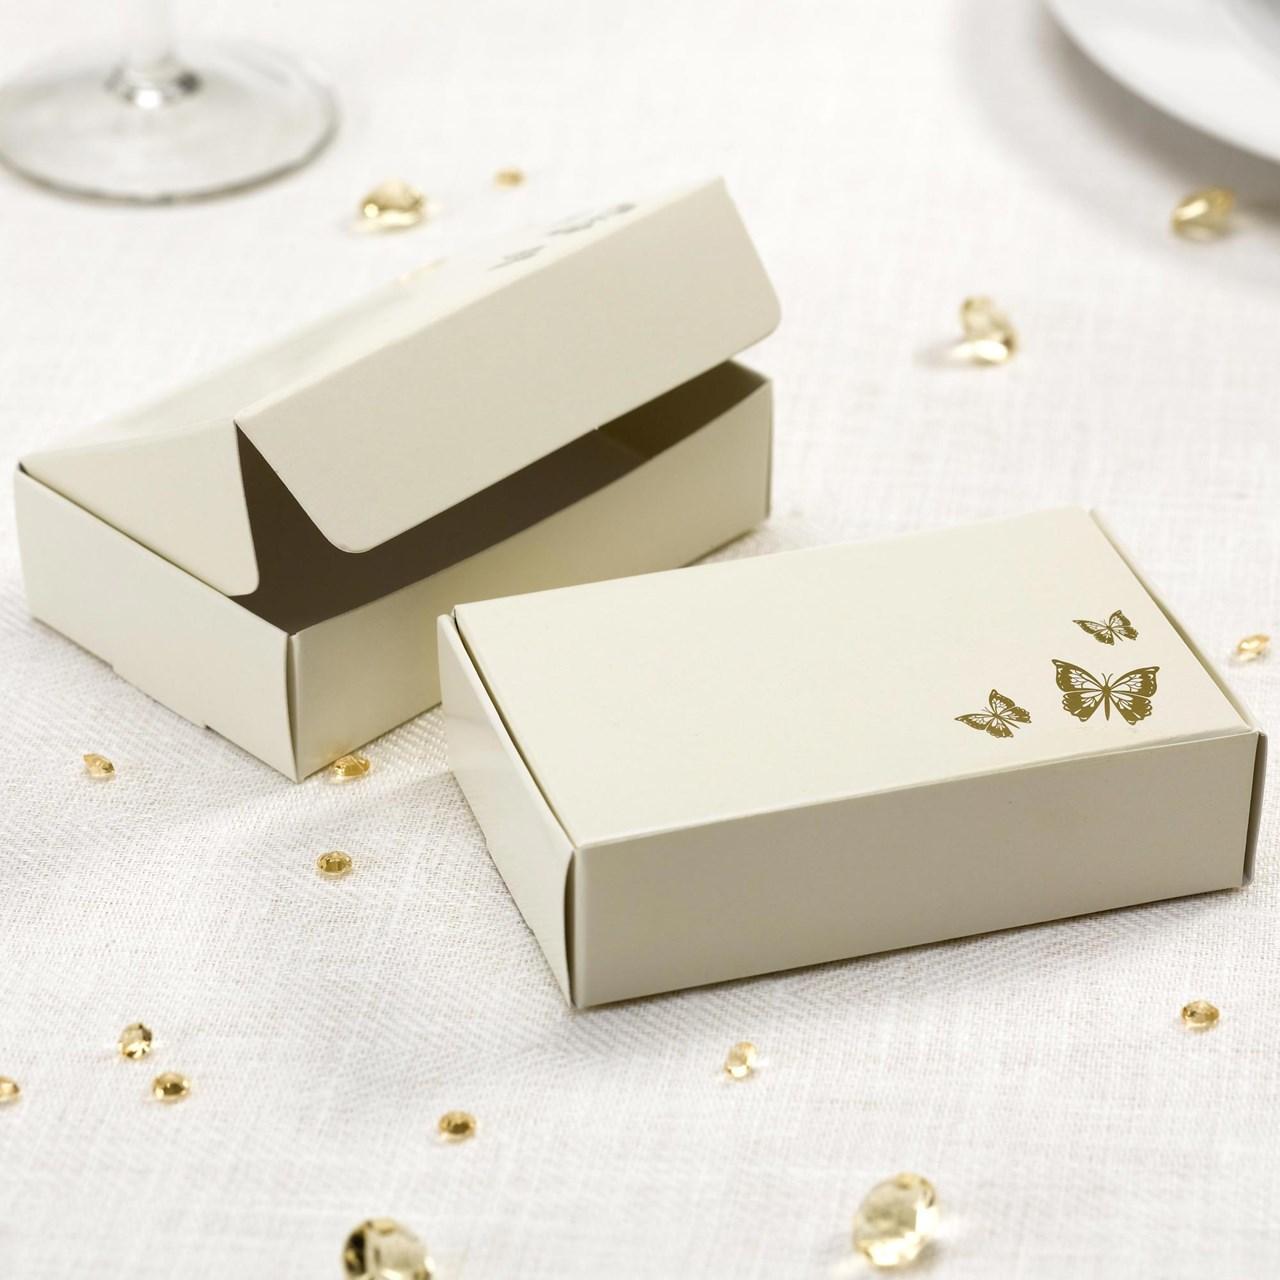 Elegant Butterfly - Cake Box - Ivory/Gold | UK Wedding Favours